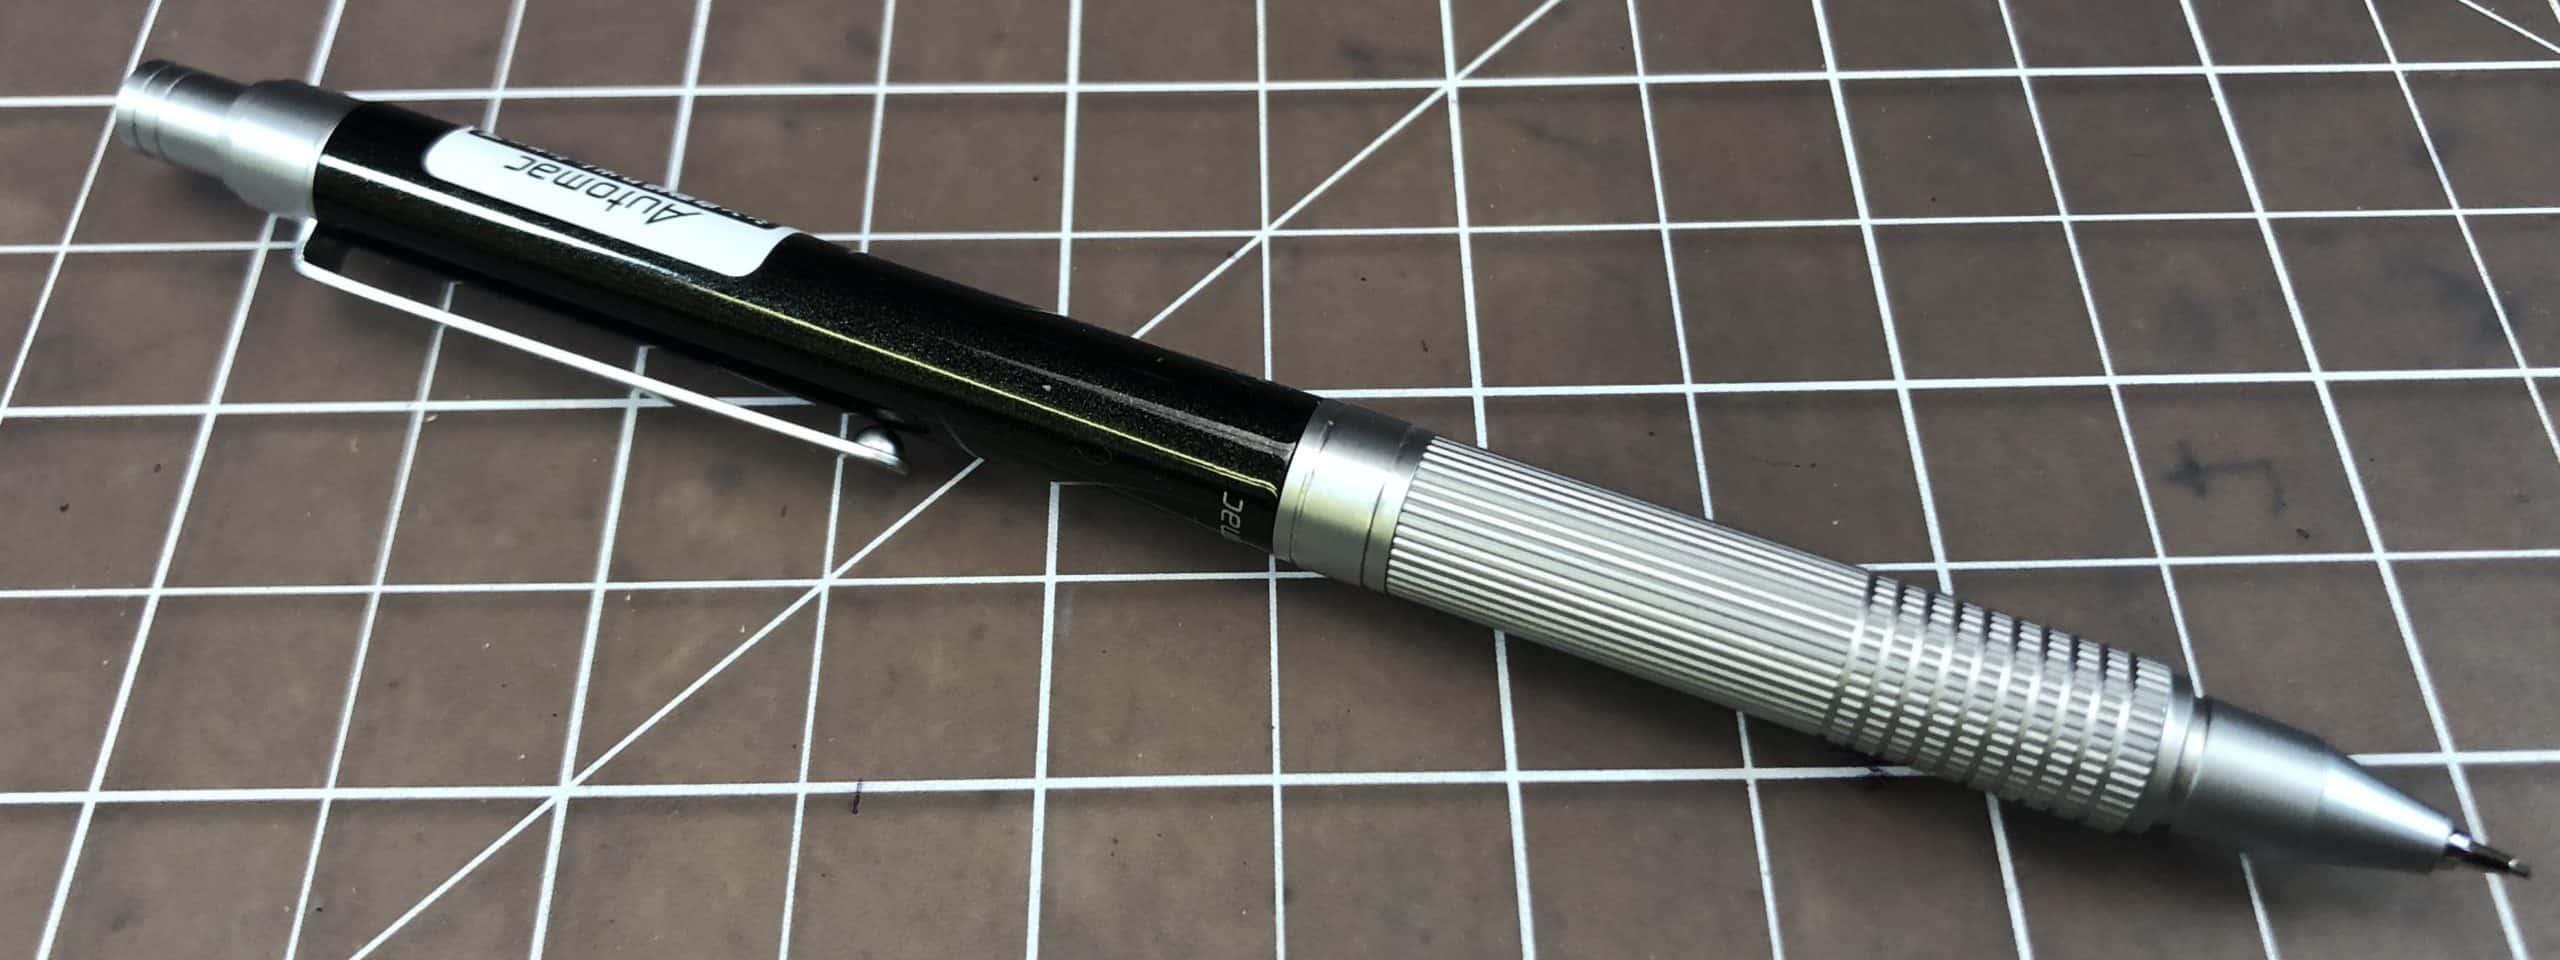 Pilot Automac Mechanical Pencil | Unsharpen